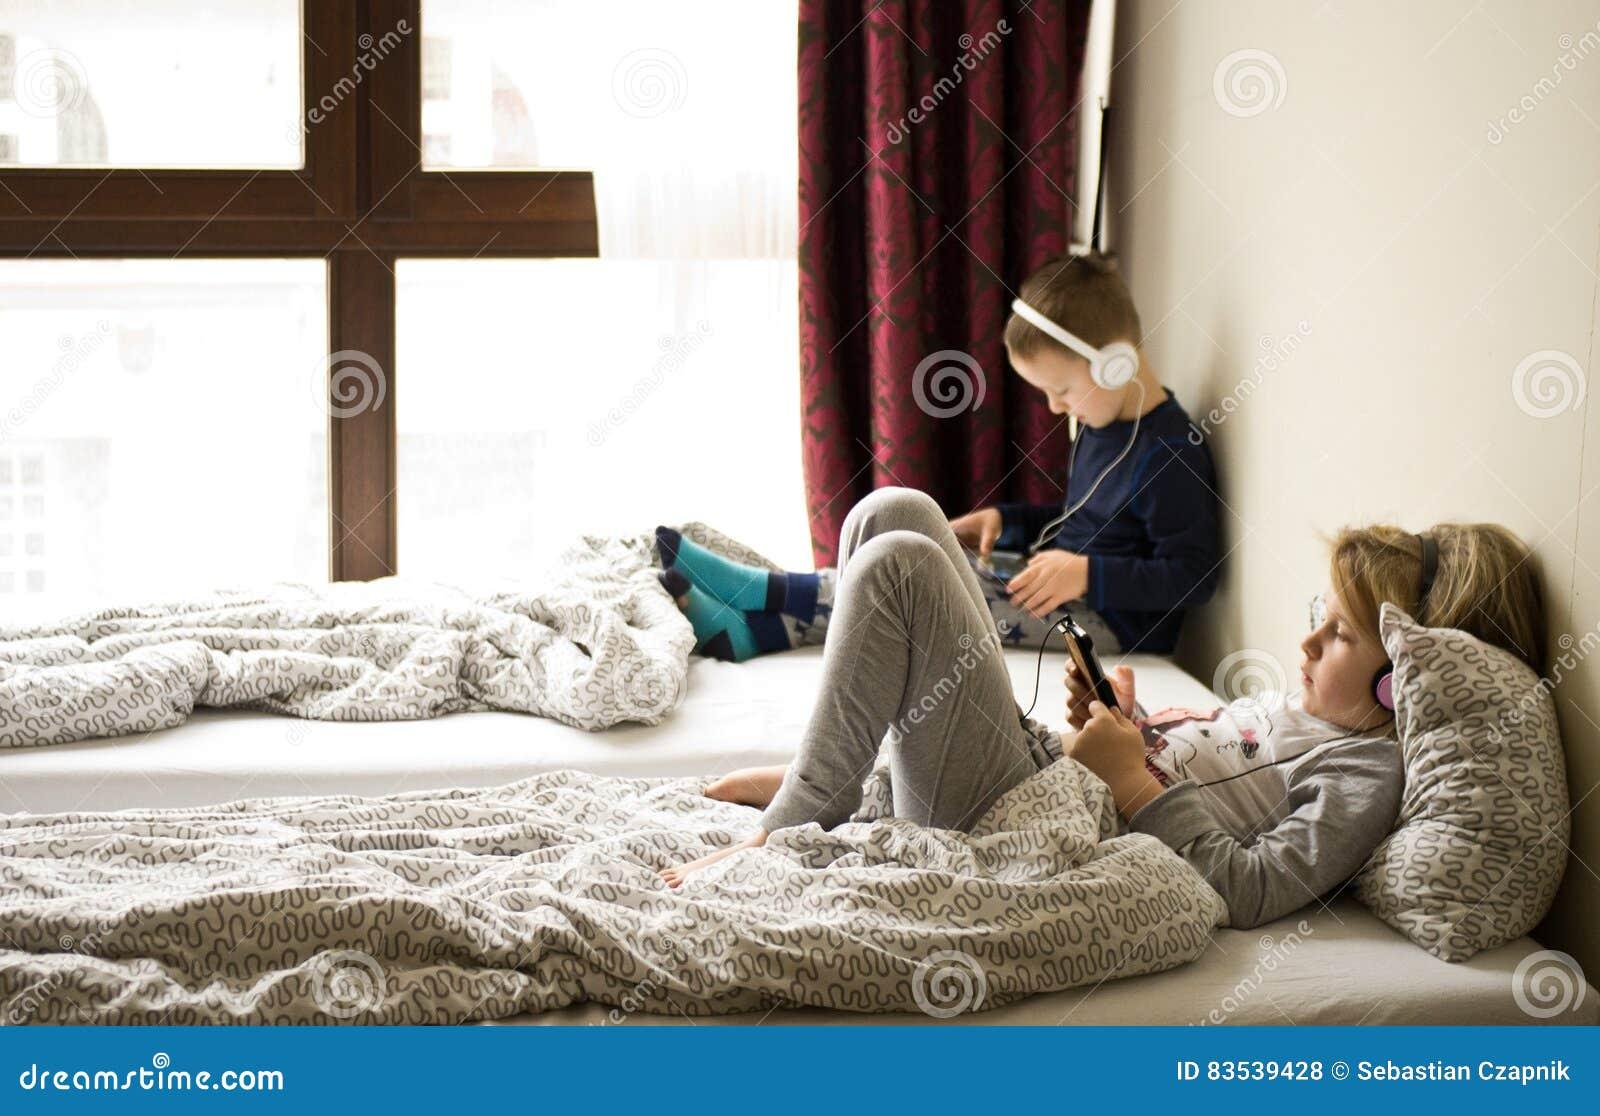 Bett unter fenster dieser unterkunft with bett unter fenster best dieser unterkunft with bett - Bett unterm fenster ...